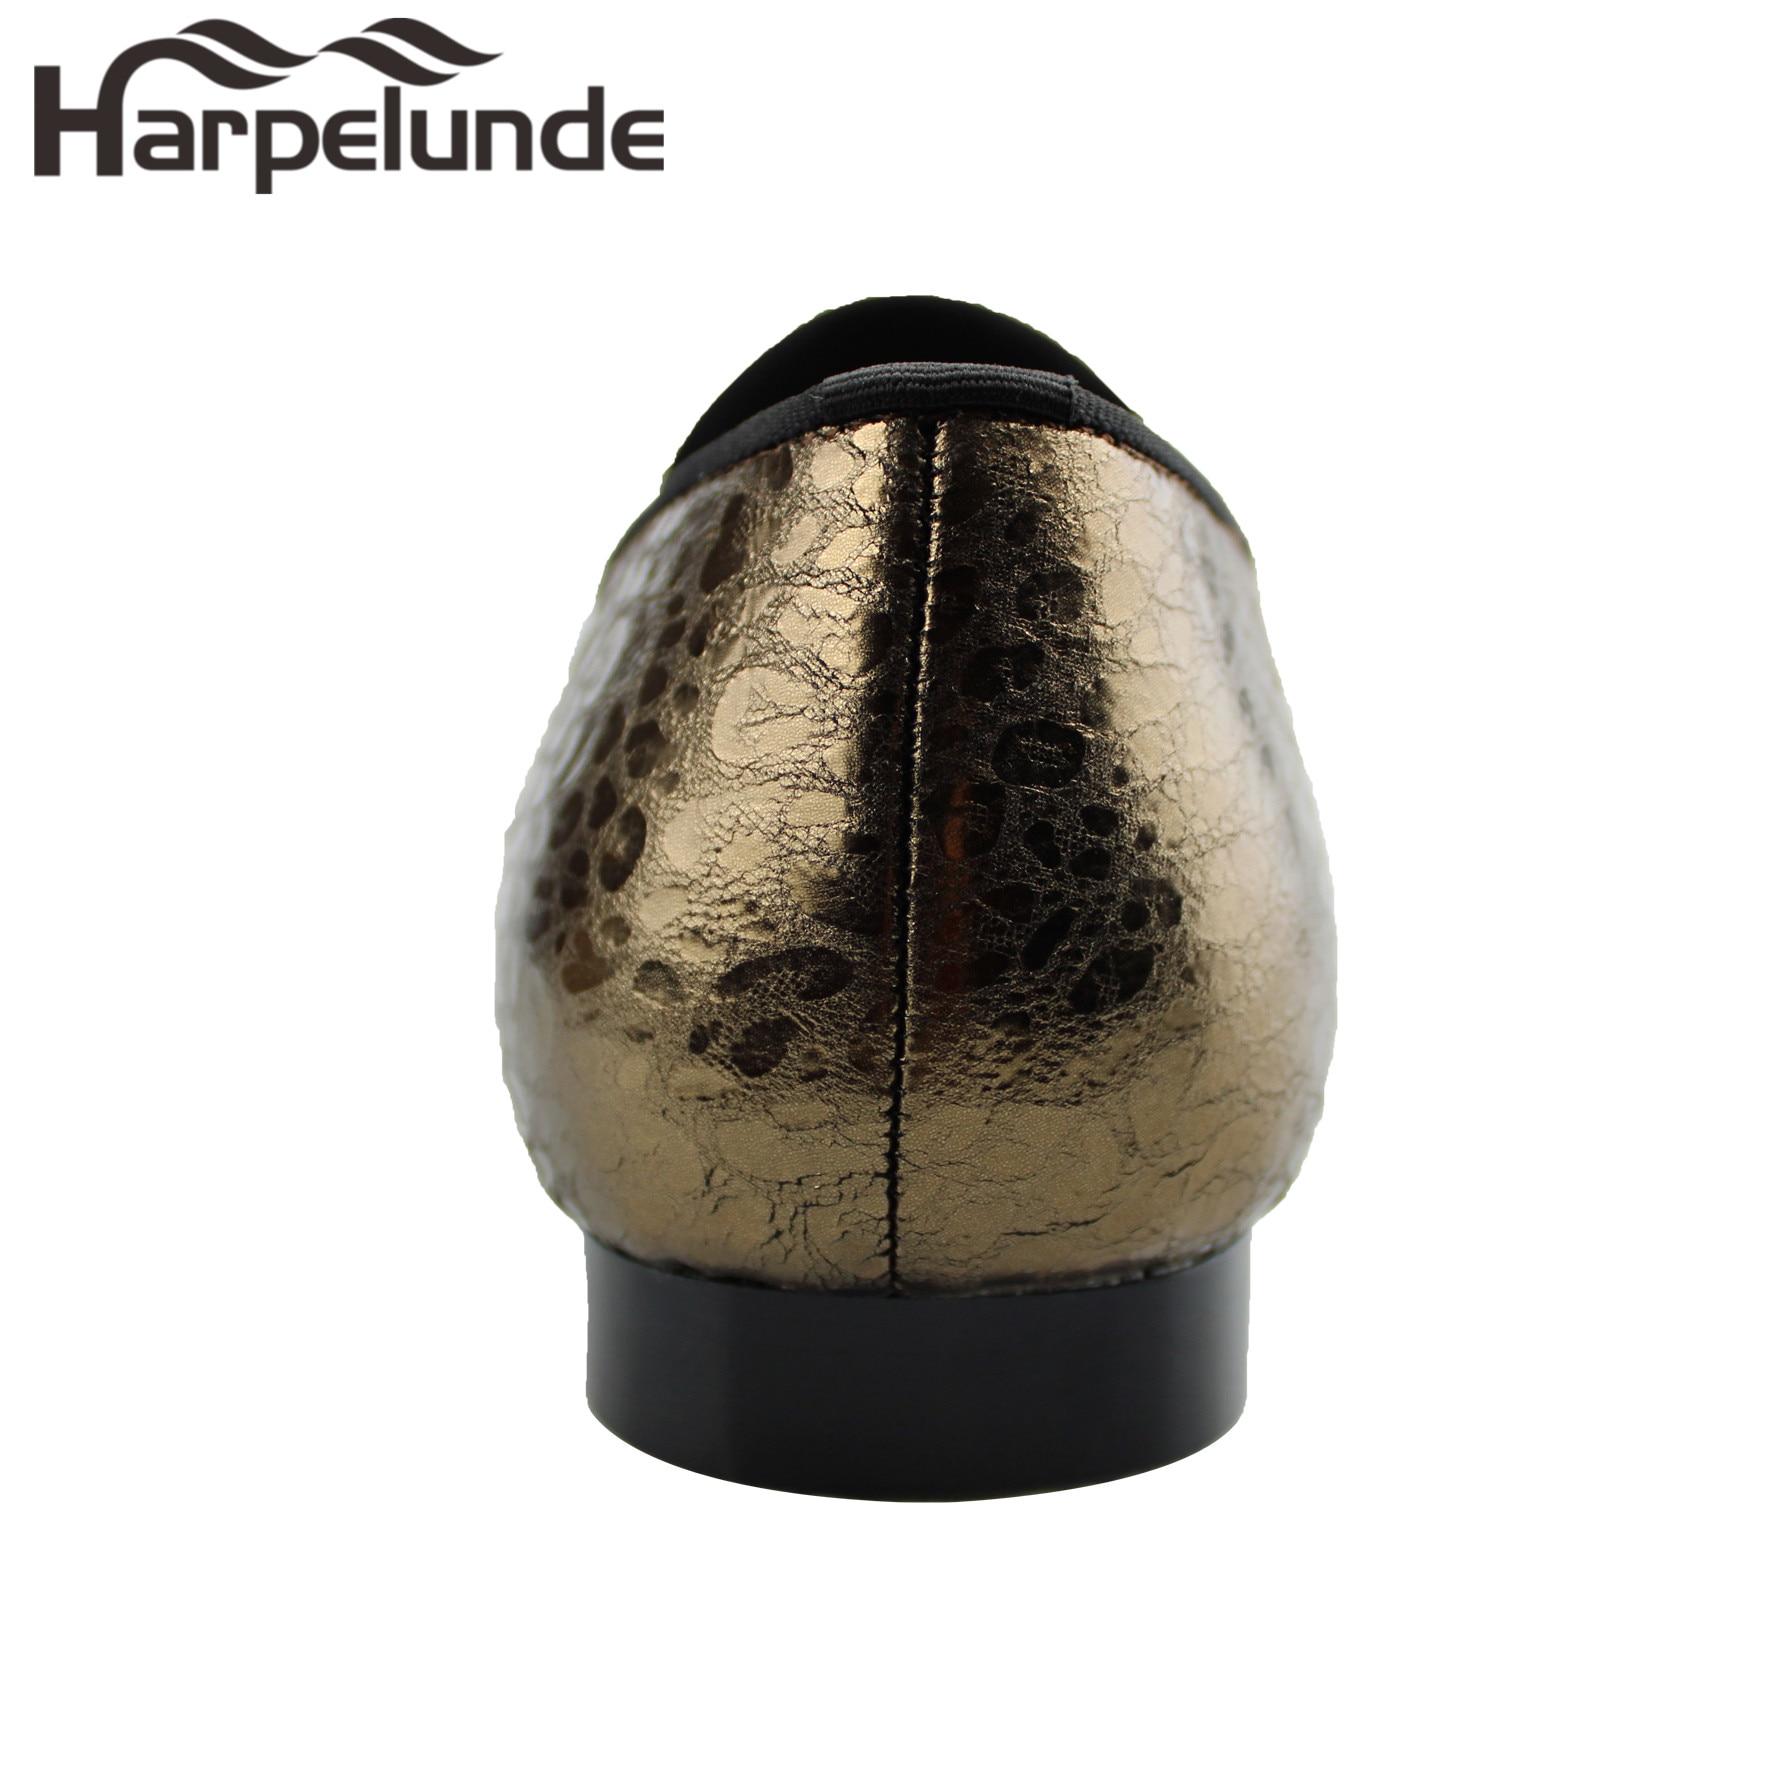 Vermelho Mens Harpelunde Italiano Luxo Couro Vestir De Sapatos Zq4xq0B